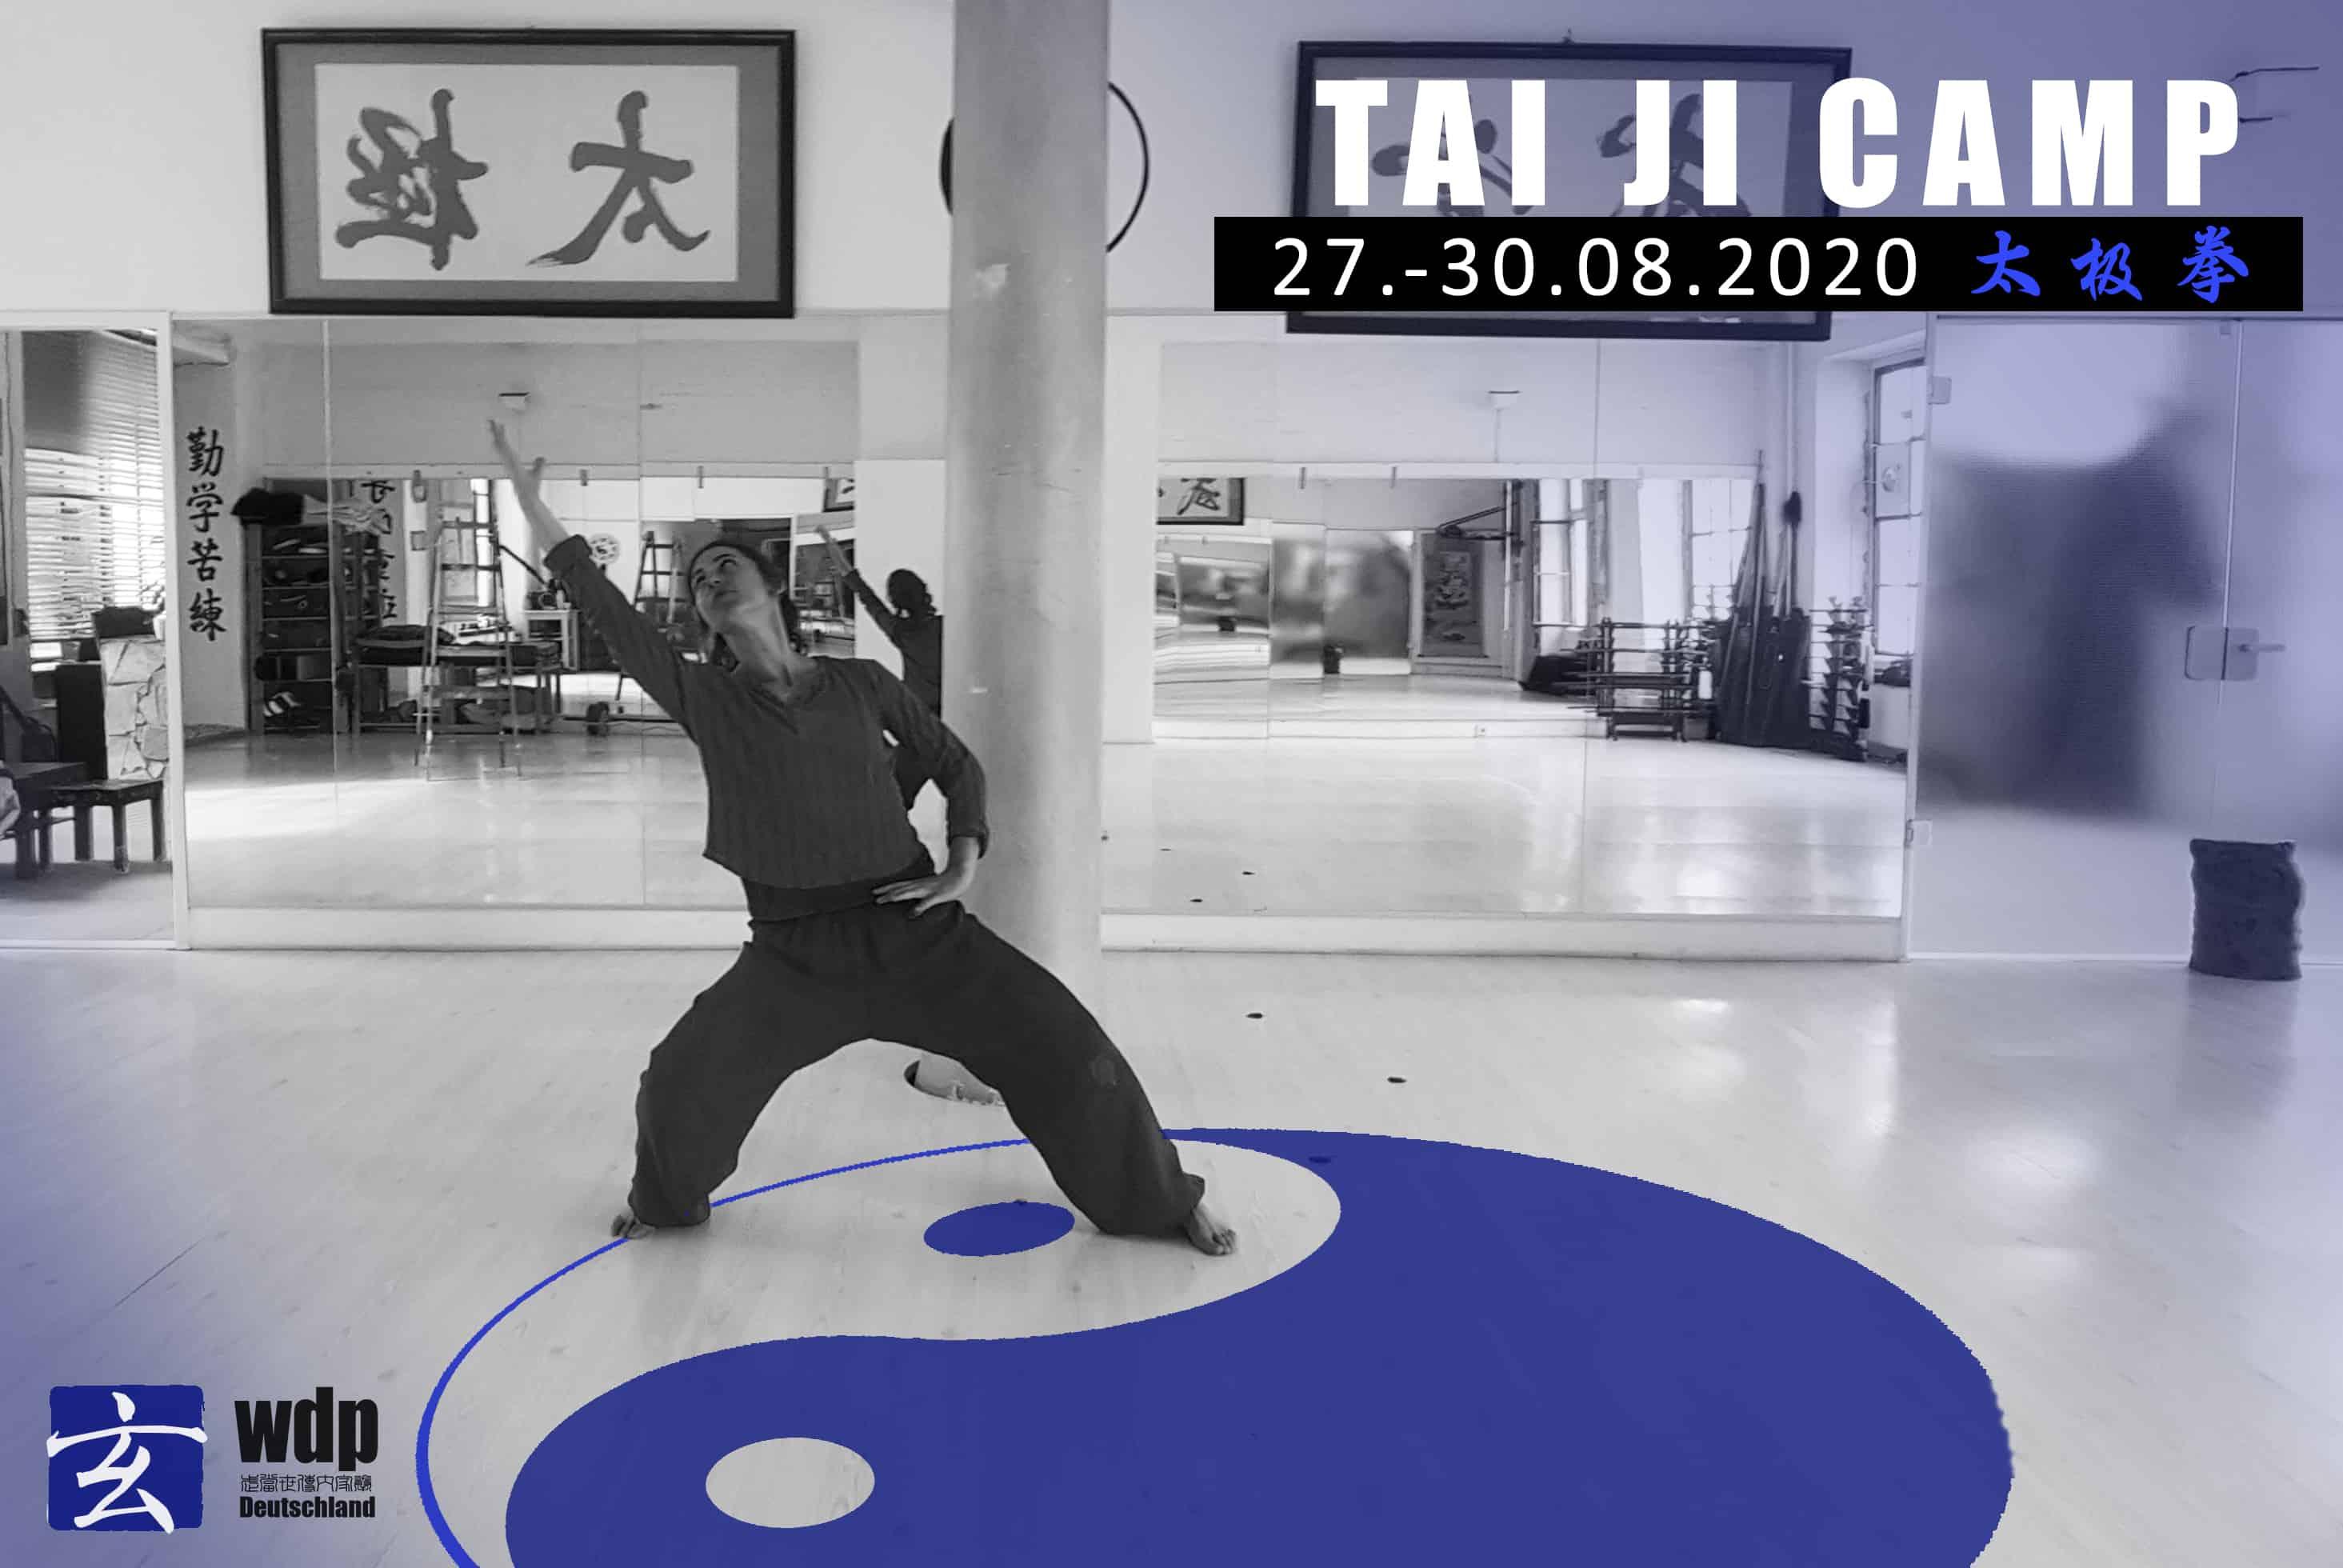 TAI JI CAMP 2020